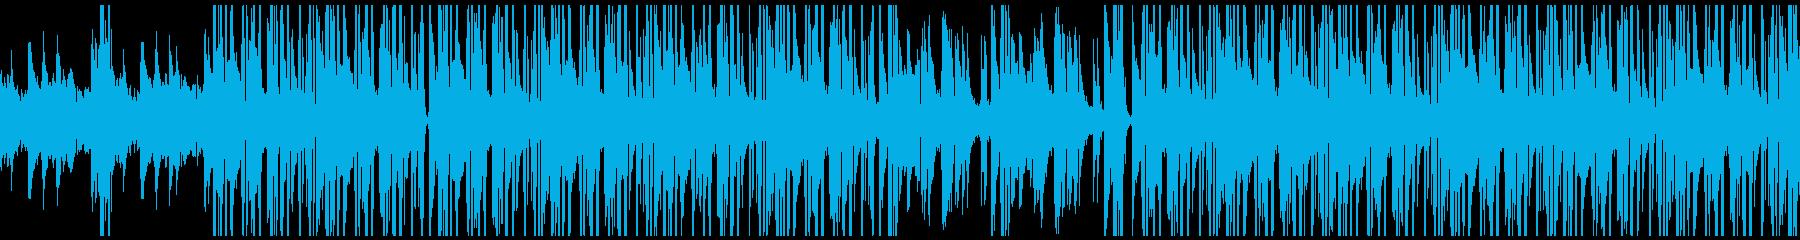 サックスとピアノのクールなヒップホップの再生済みの波形